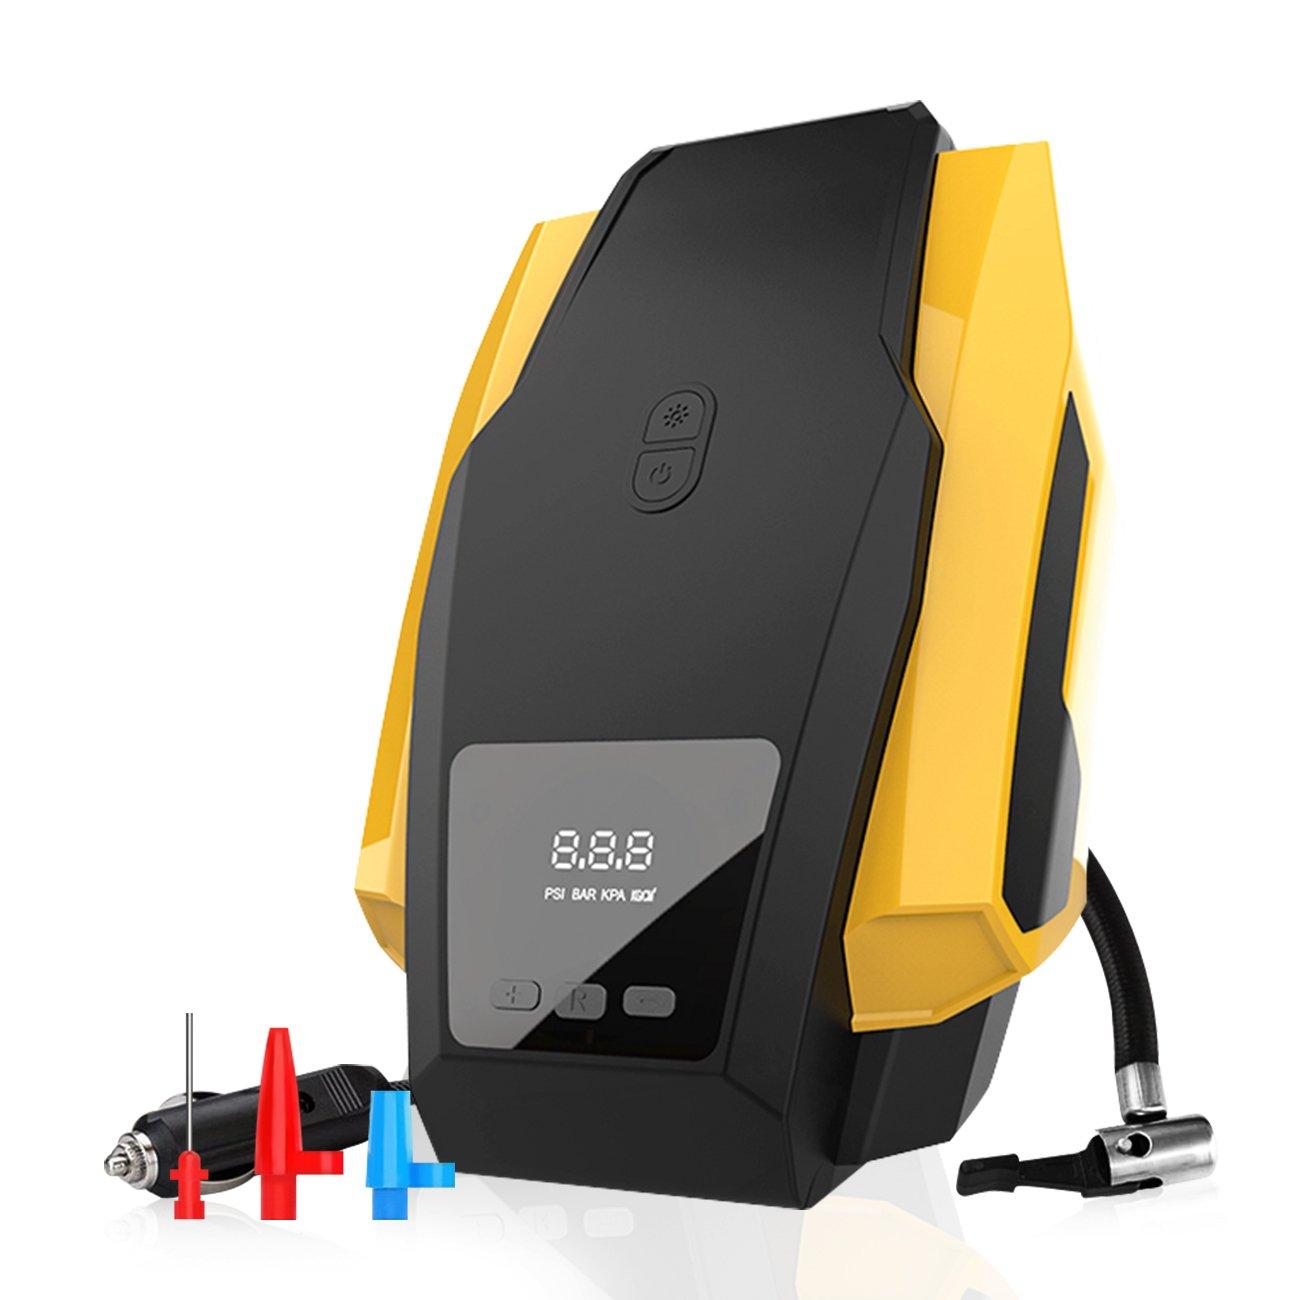 Favoto Compresor Portátil de Aire Bomba Inflador Automático de Presión de Neumáticos Digital de Emergencia con